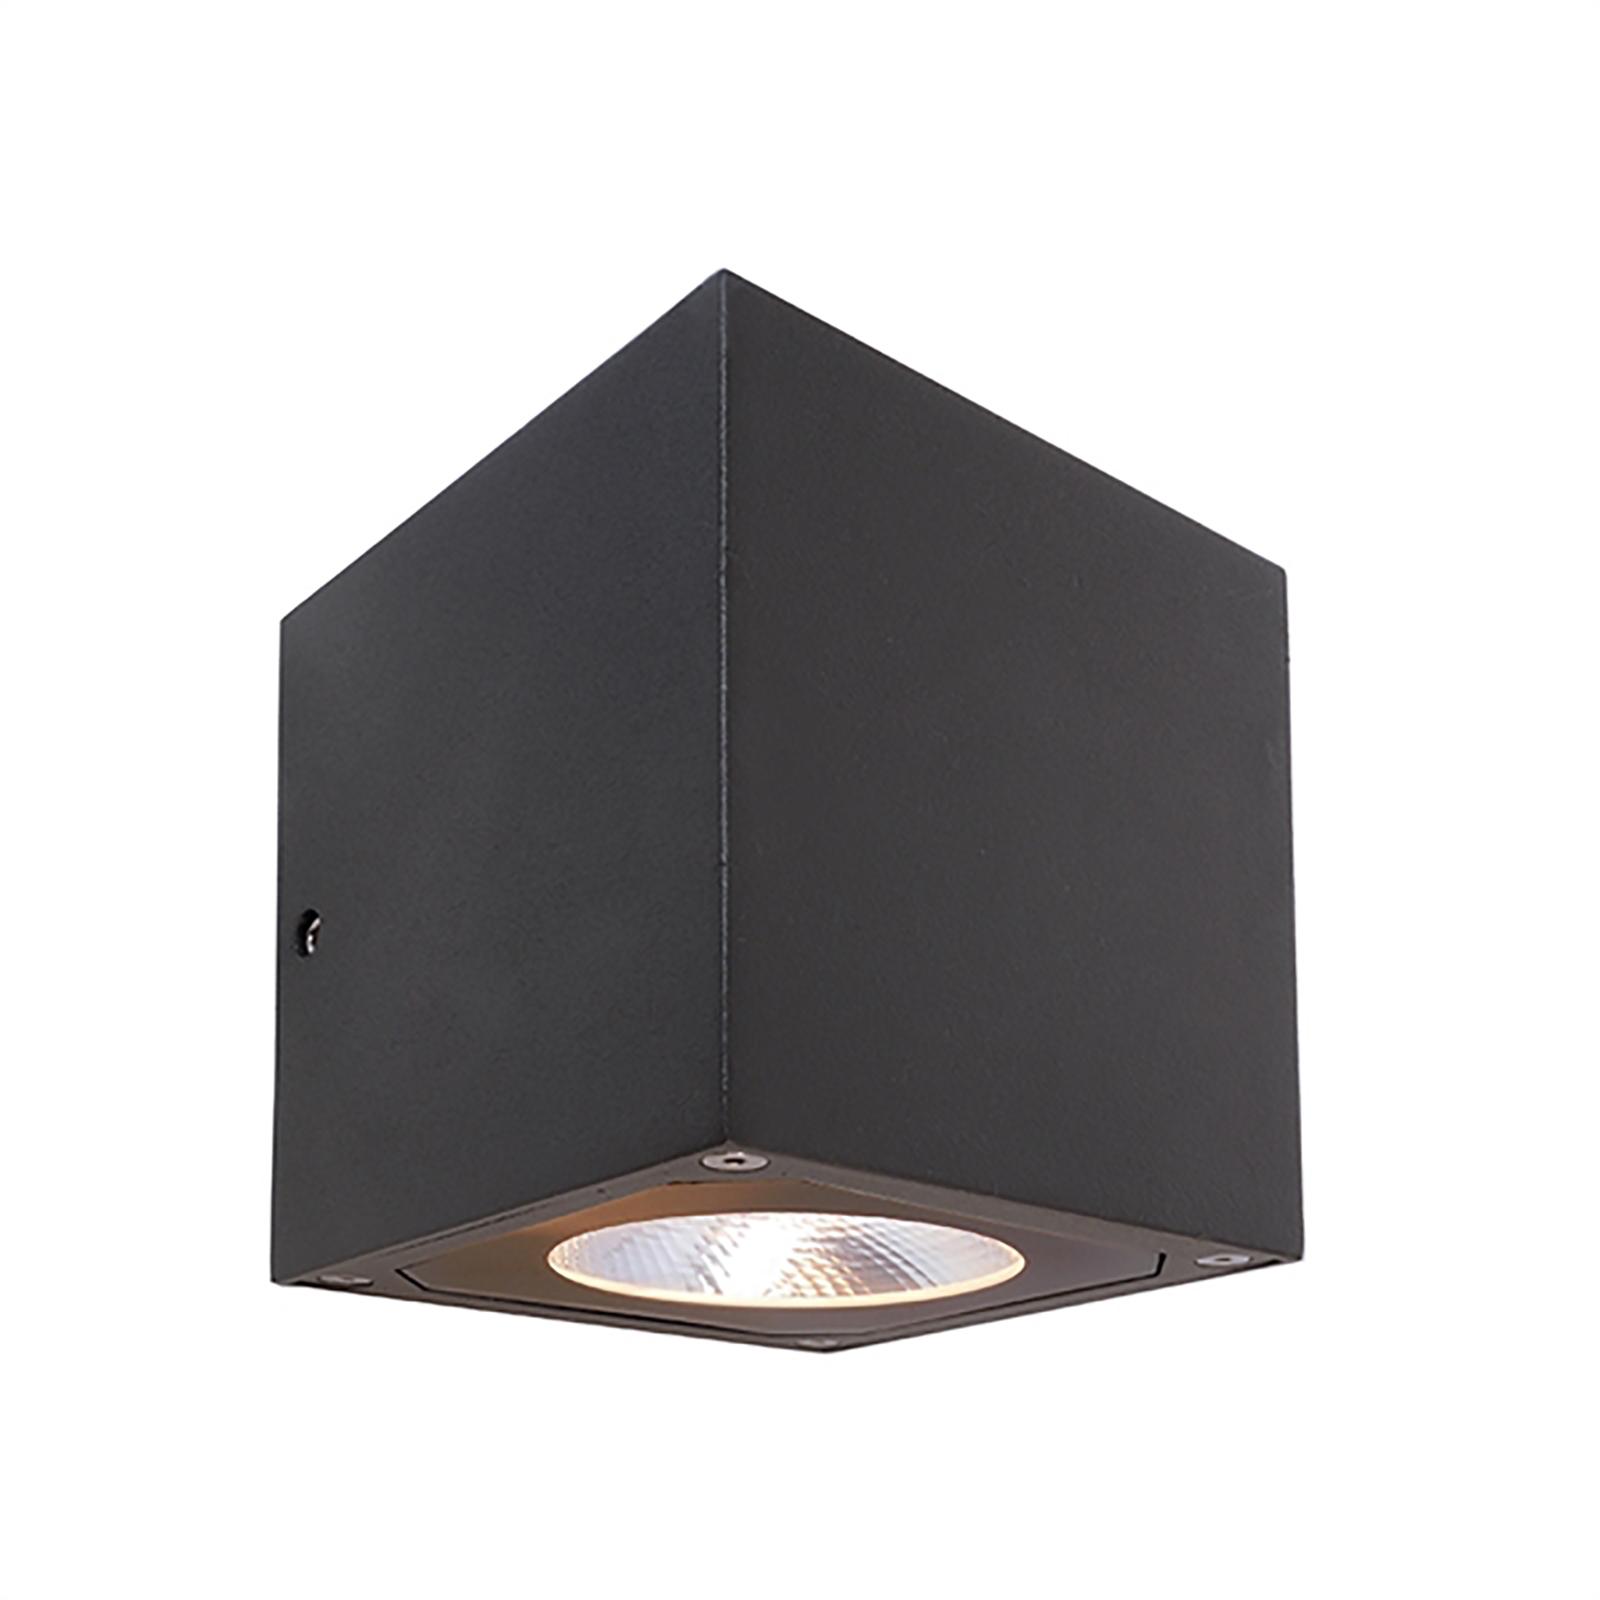 Lampada Muro Lampada Esterno Alluminio Antracite Up//Down LED Lampada Muro Esterno